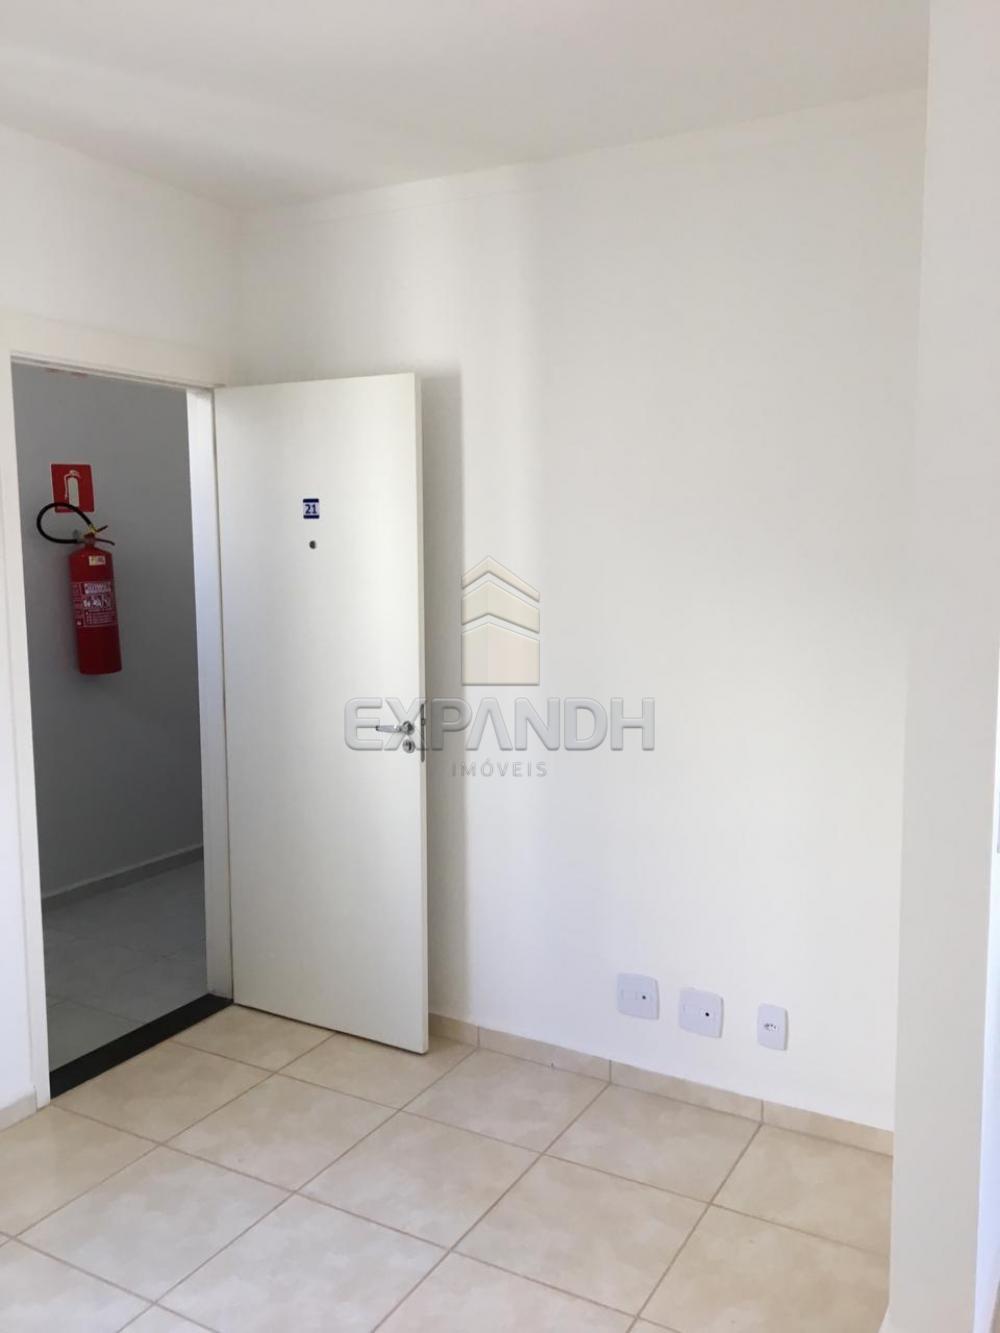 Alugar Apartamentos / Padrão em Sertãozinho R$ 600,00 - Foto 5